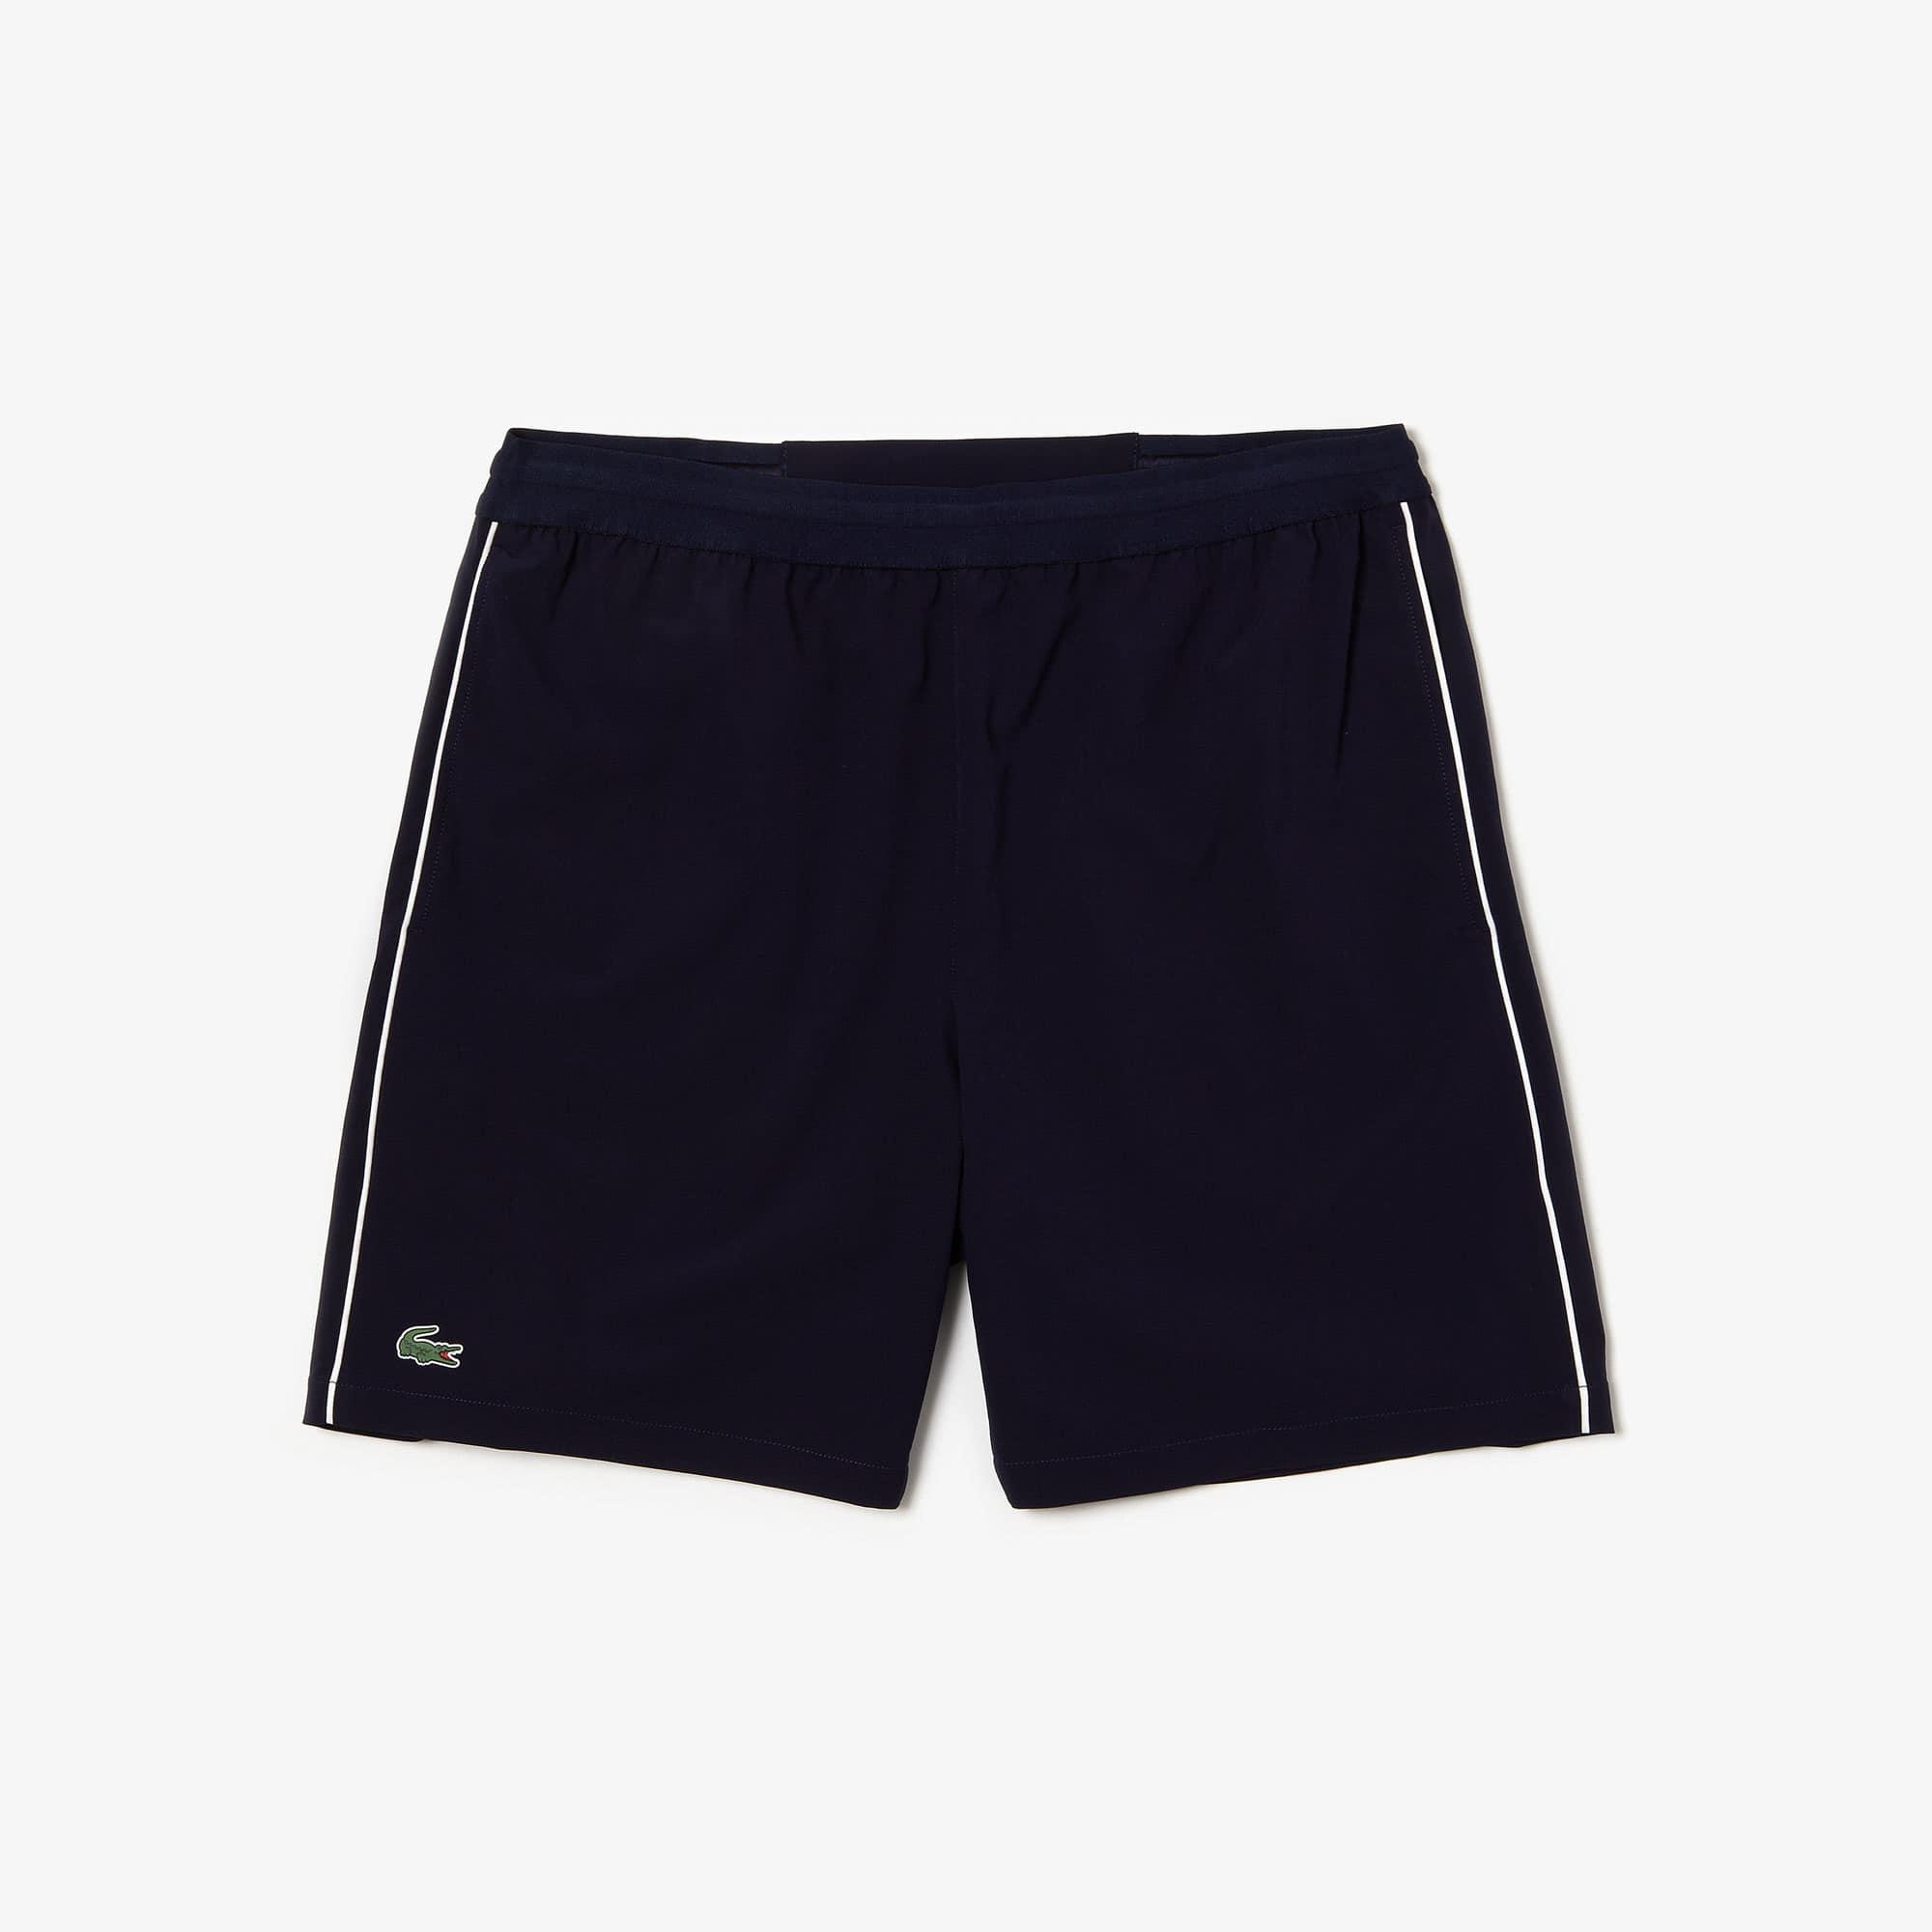 d4c333645724 Pantalones y pantalones cortos   Deporte para hombre   LACOSTE SPORT